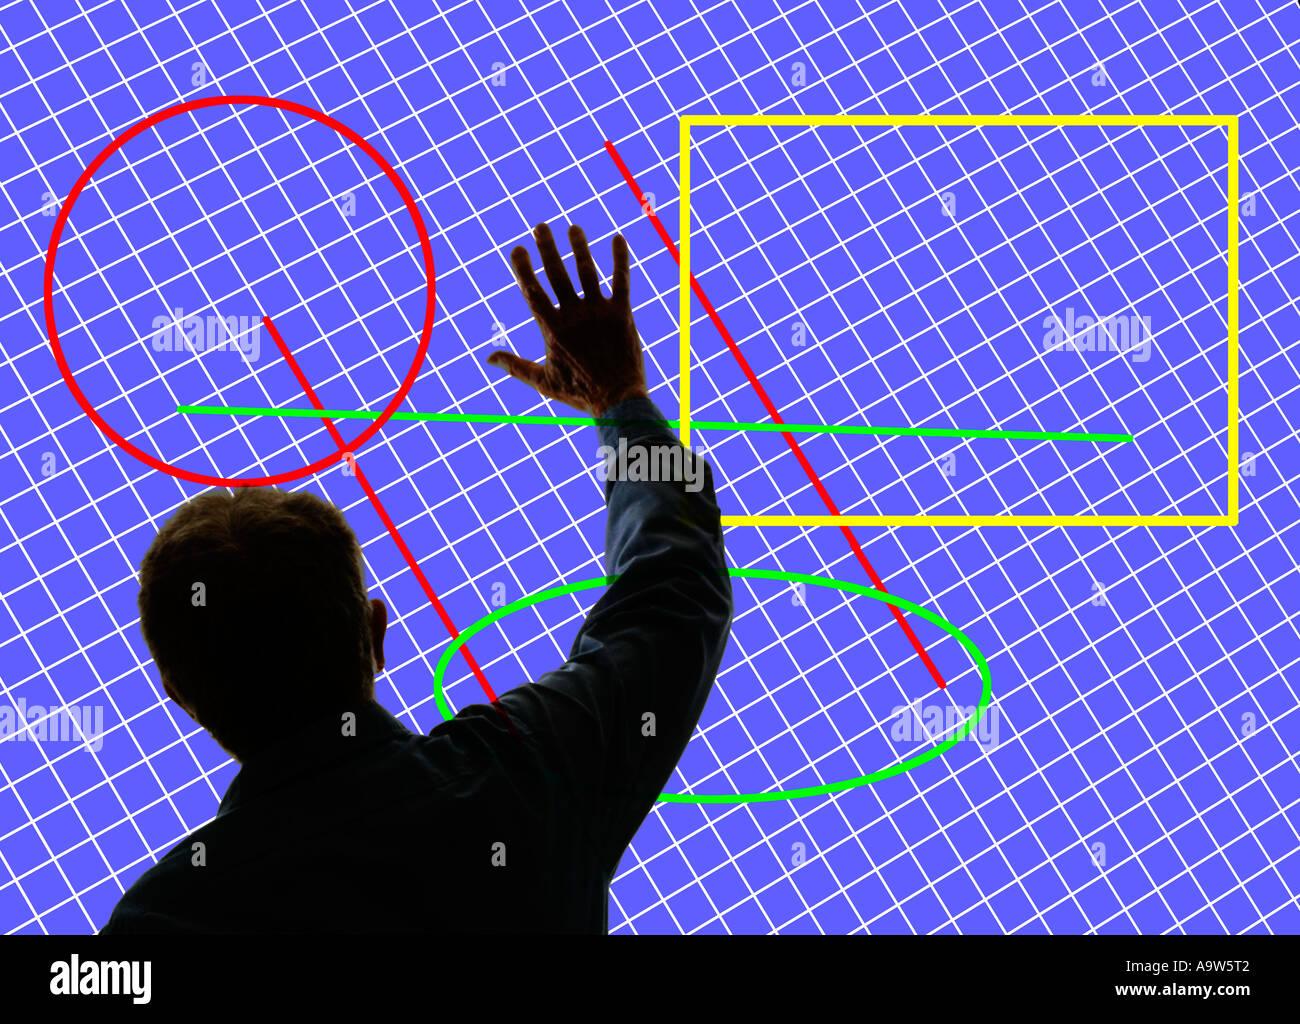 Man mano l'invio di segnale nella parte anteriore del 3D di grandi dimensioni schermo con immagini digitali Immagini Stock